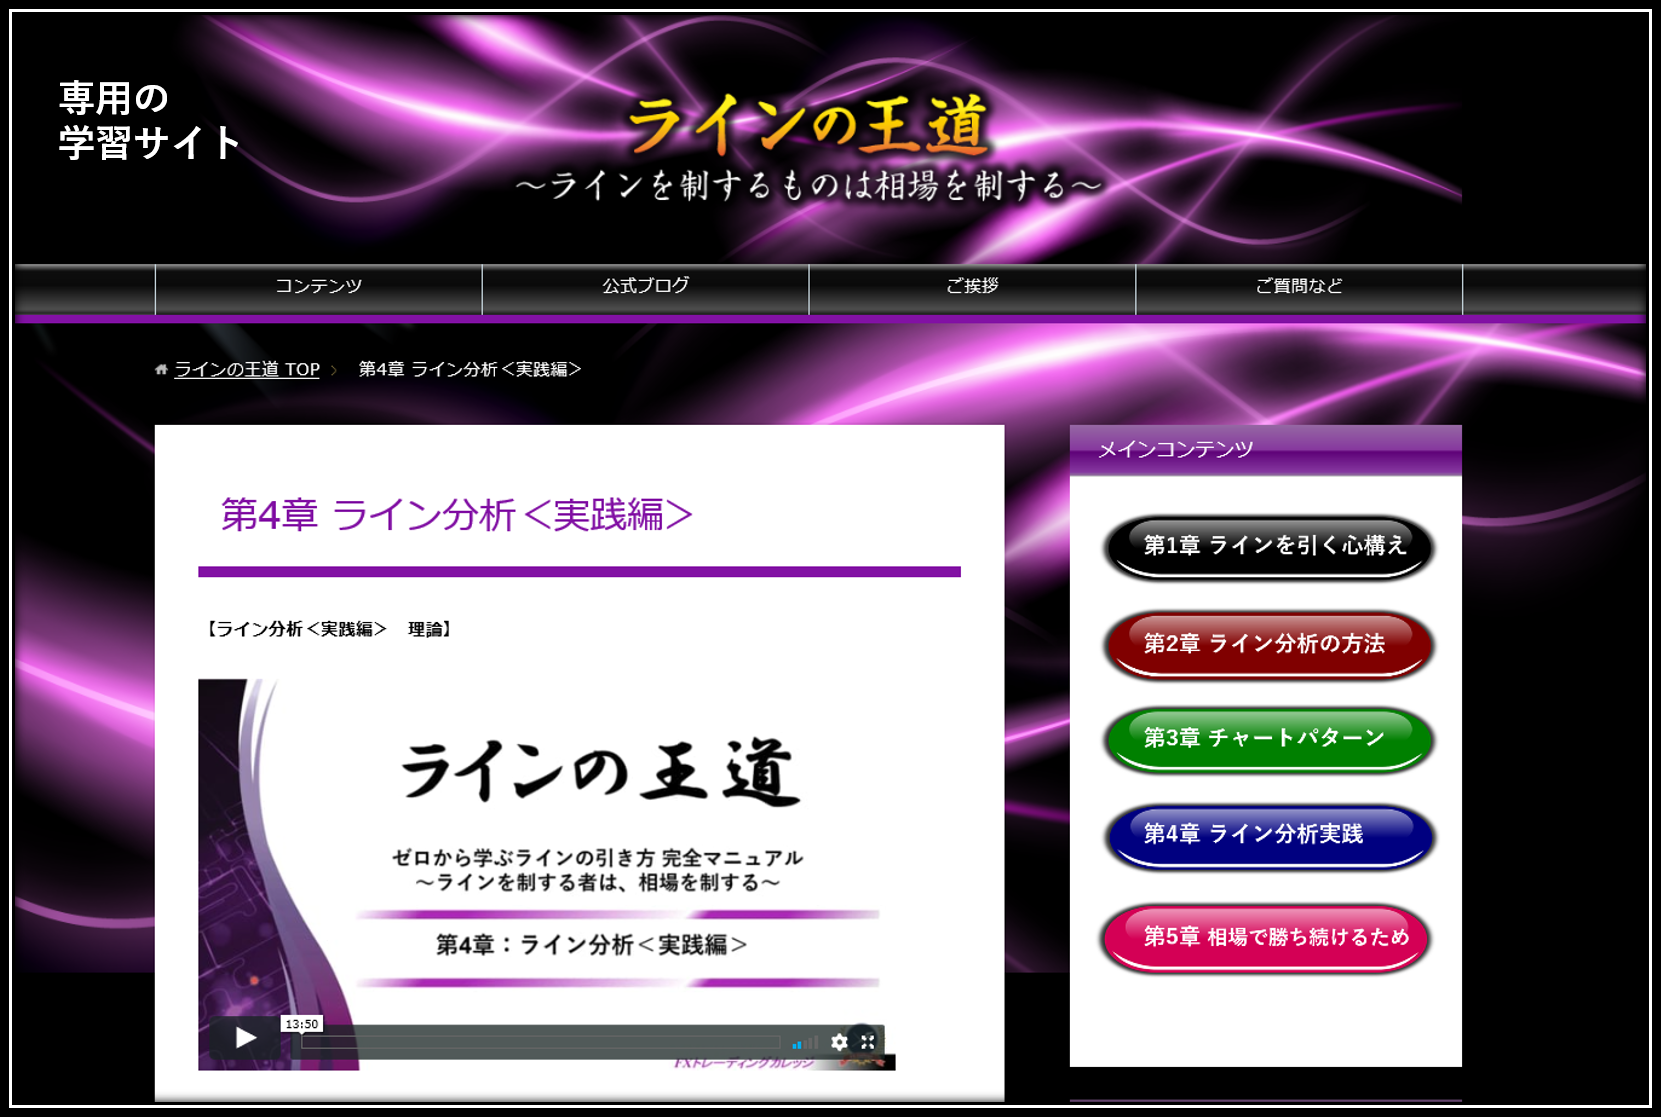 ラインの王道の会員サイト